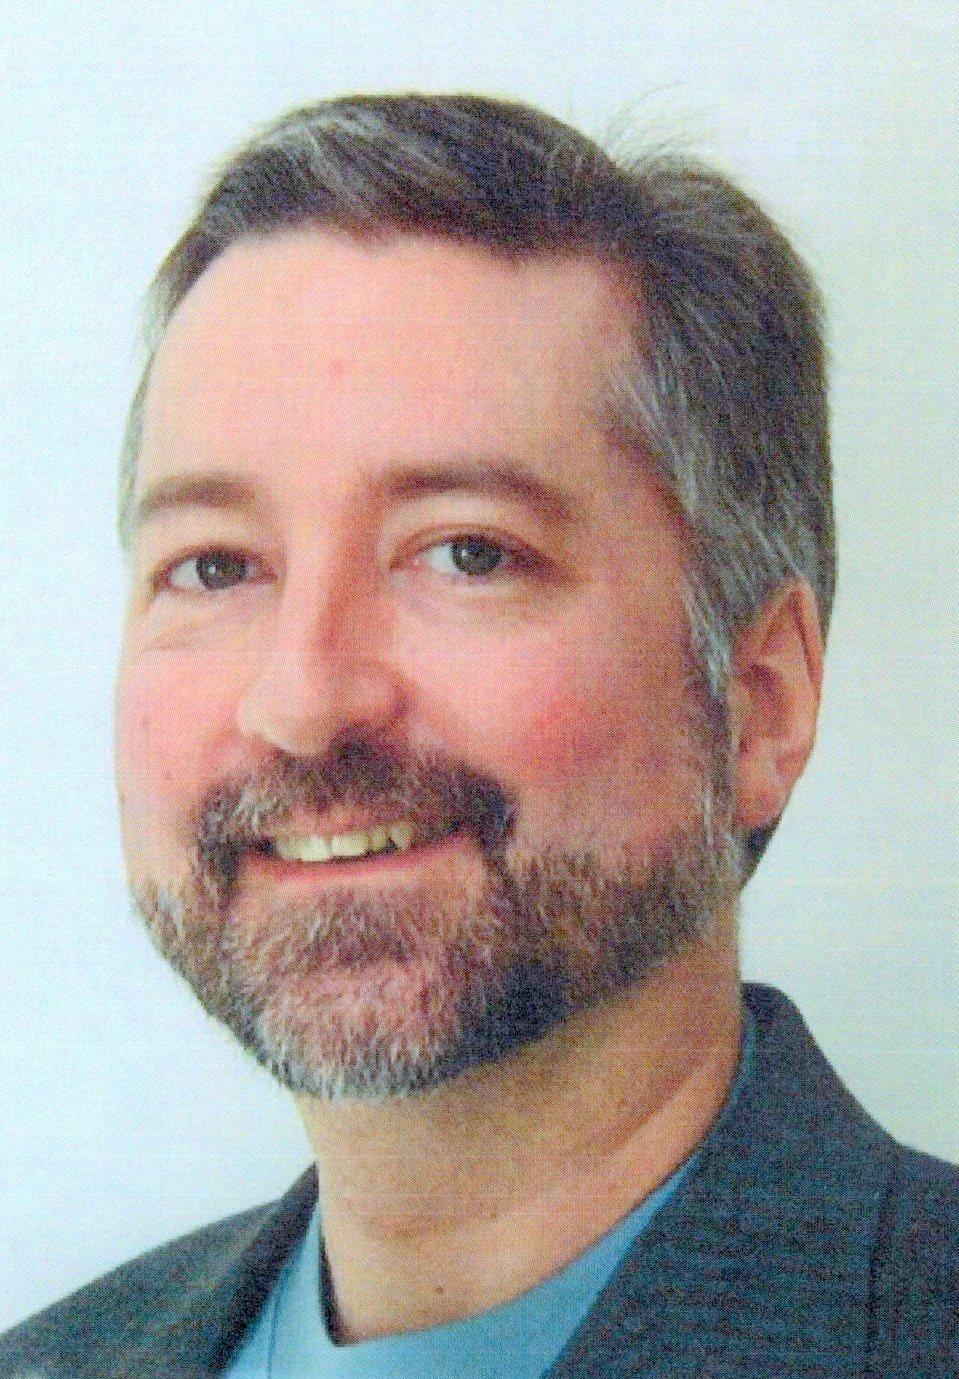 Charles F. Shelton III